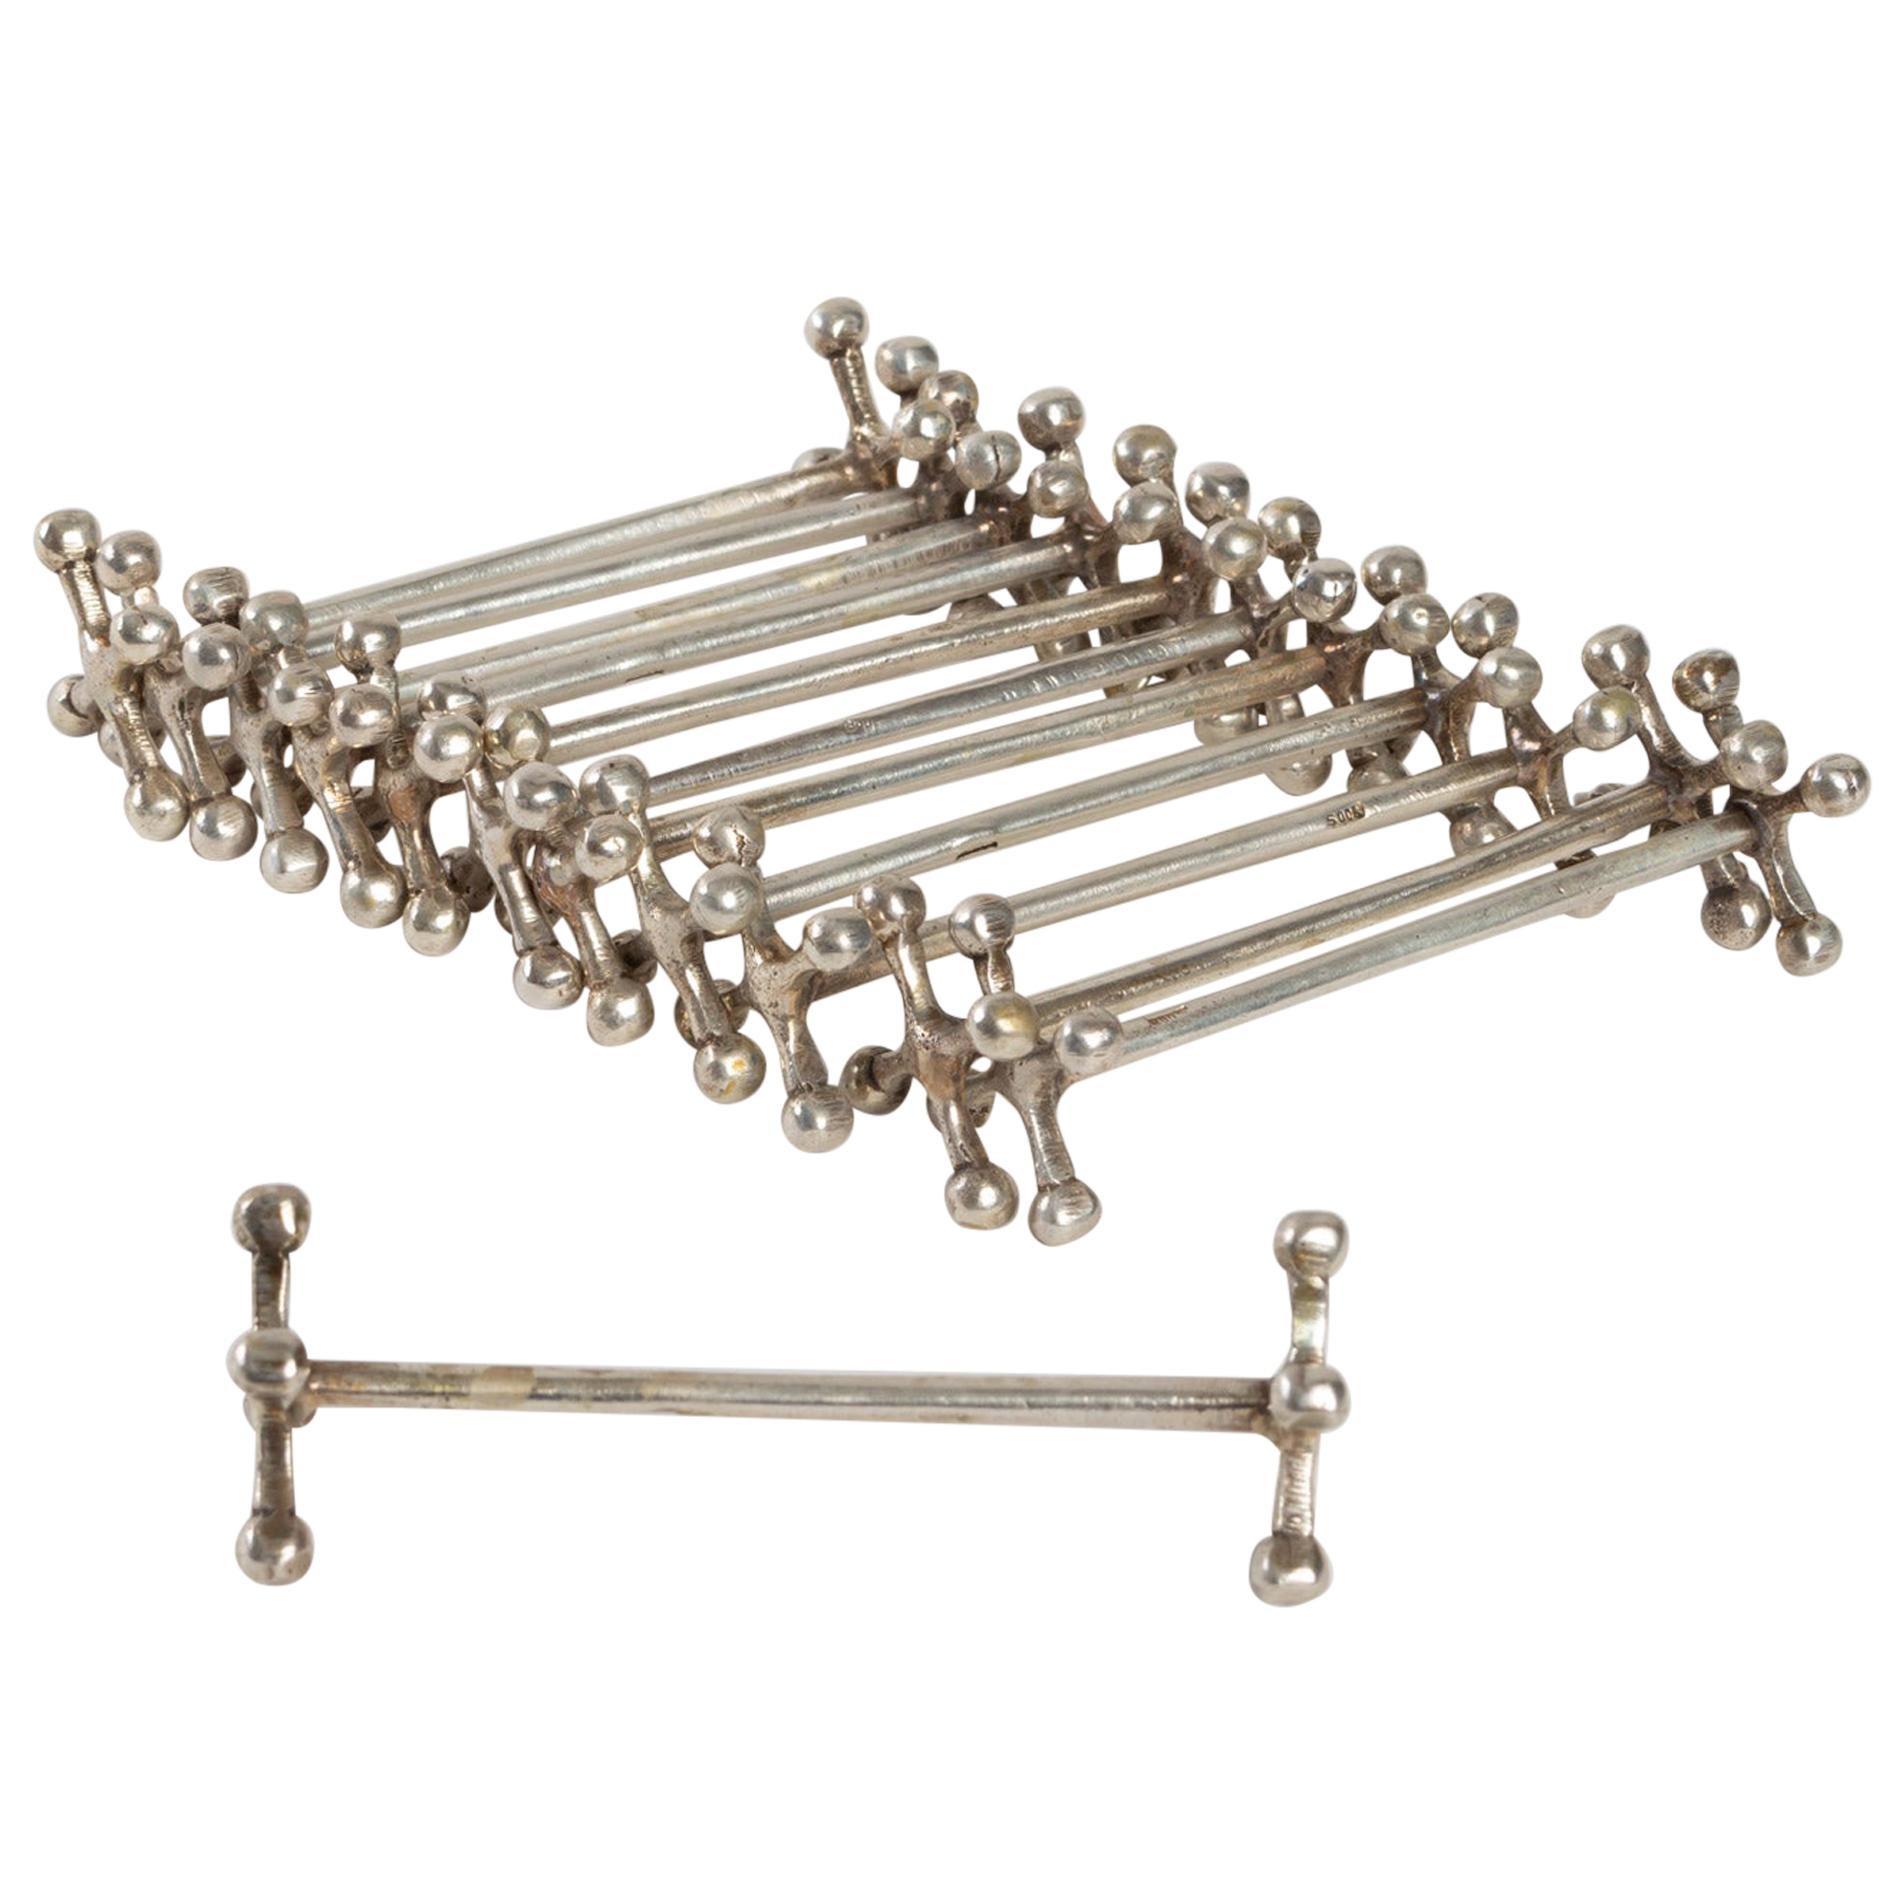 Set of 12 Knife Holders in Silver Metal